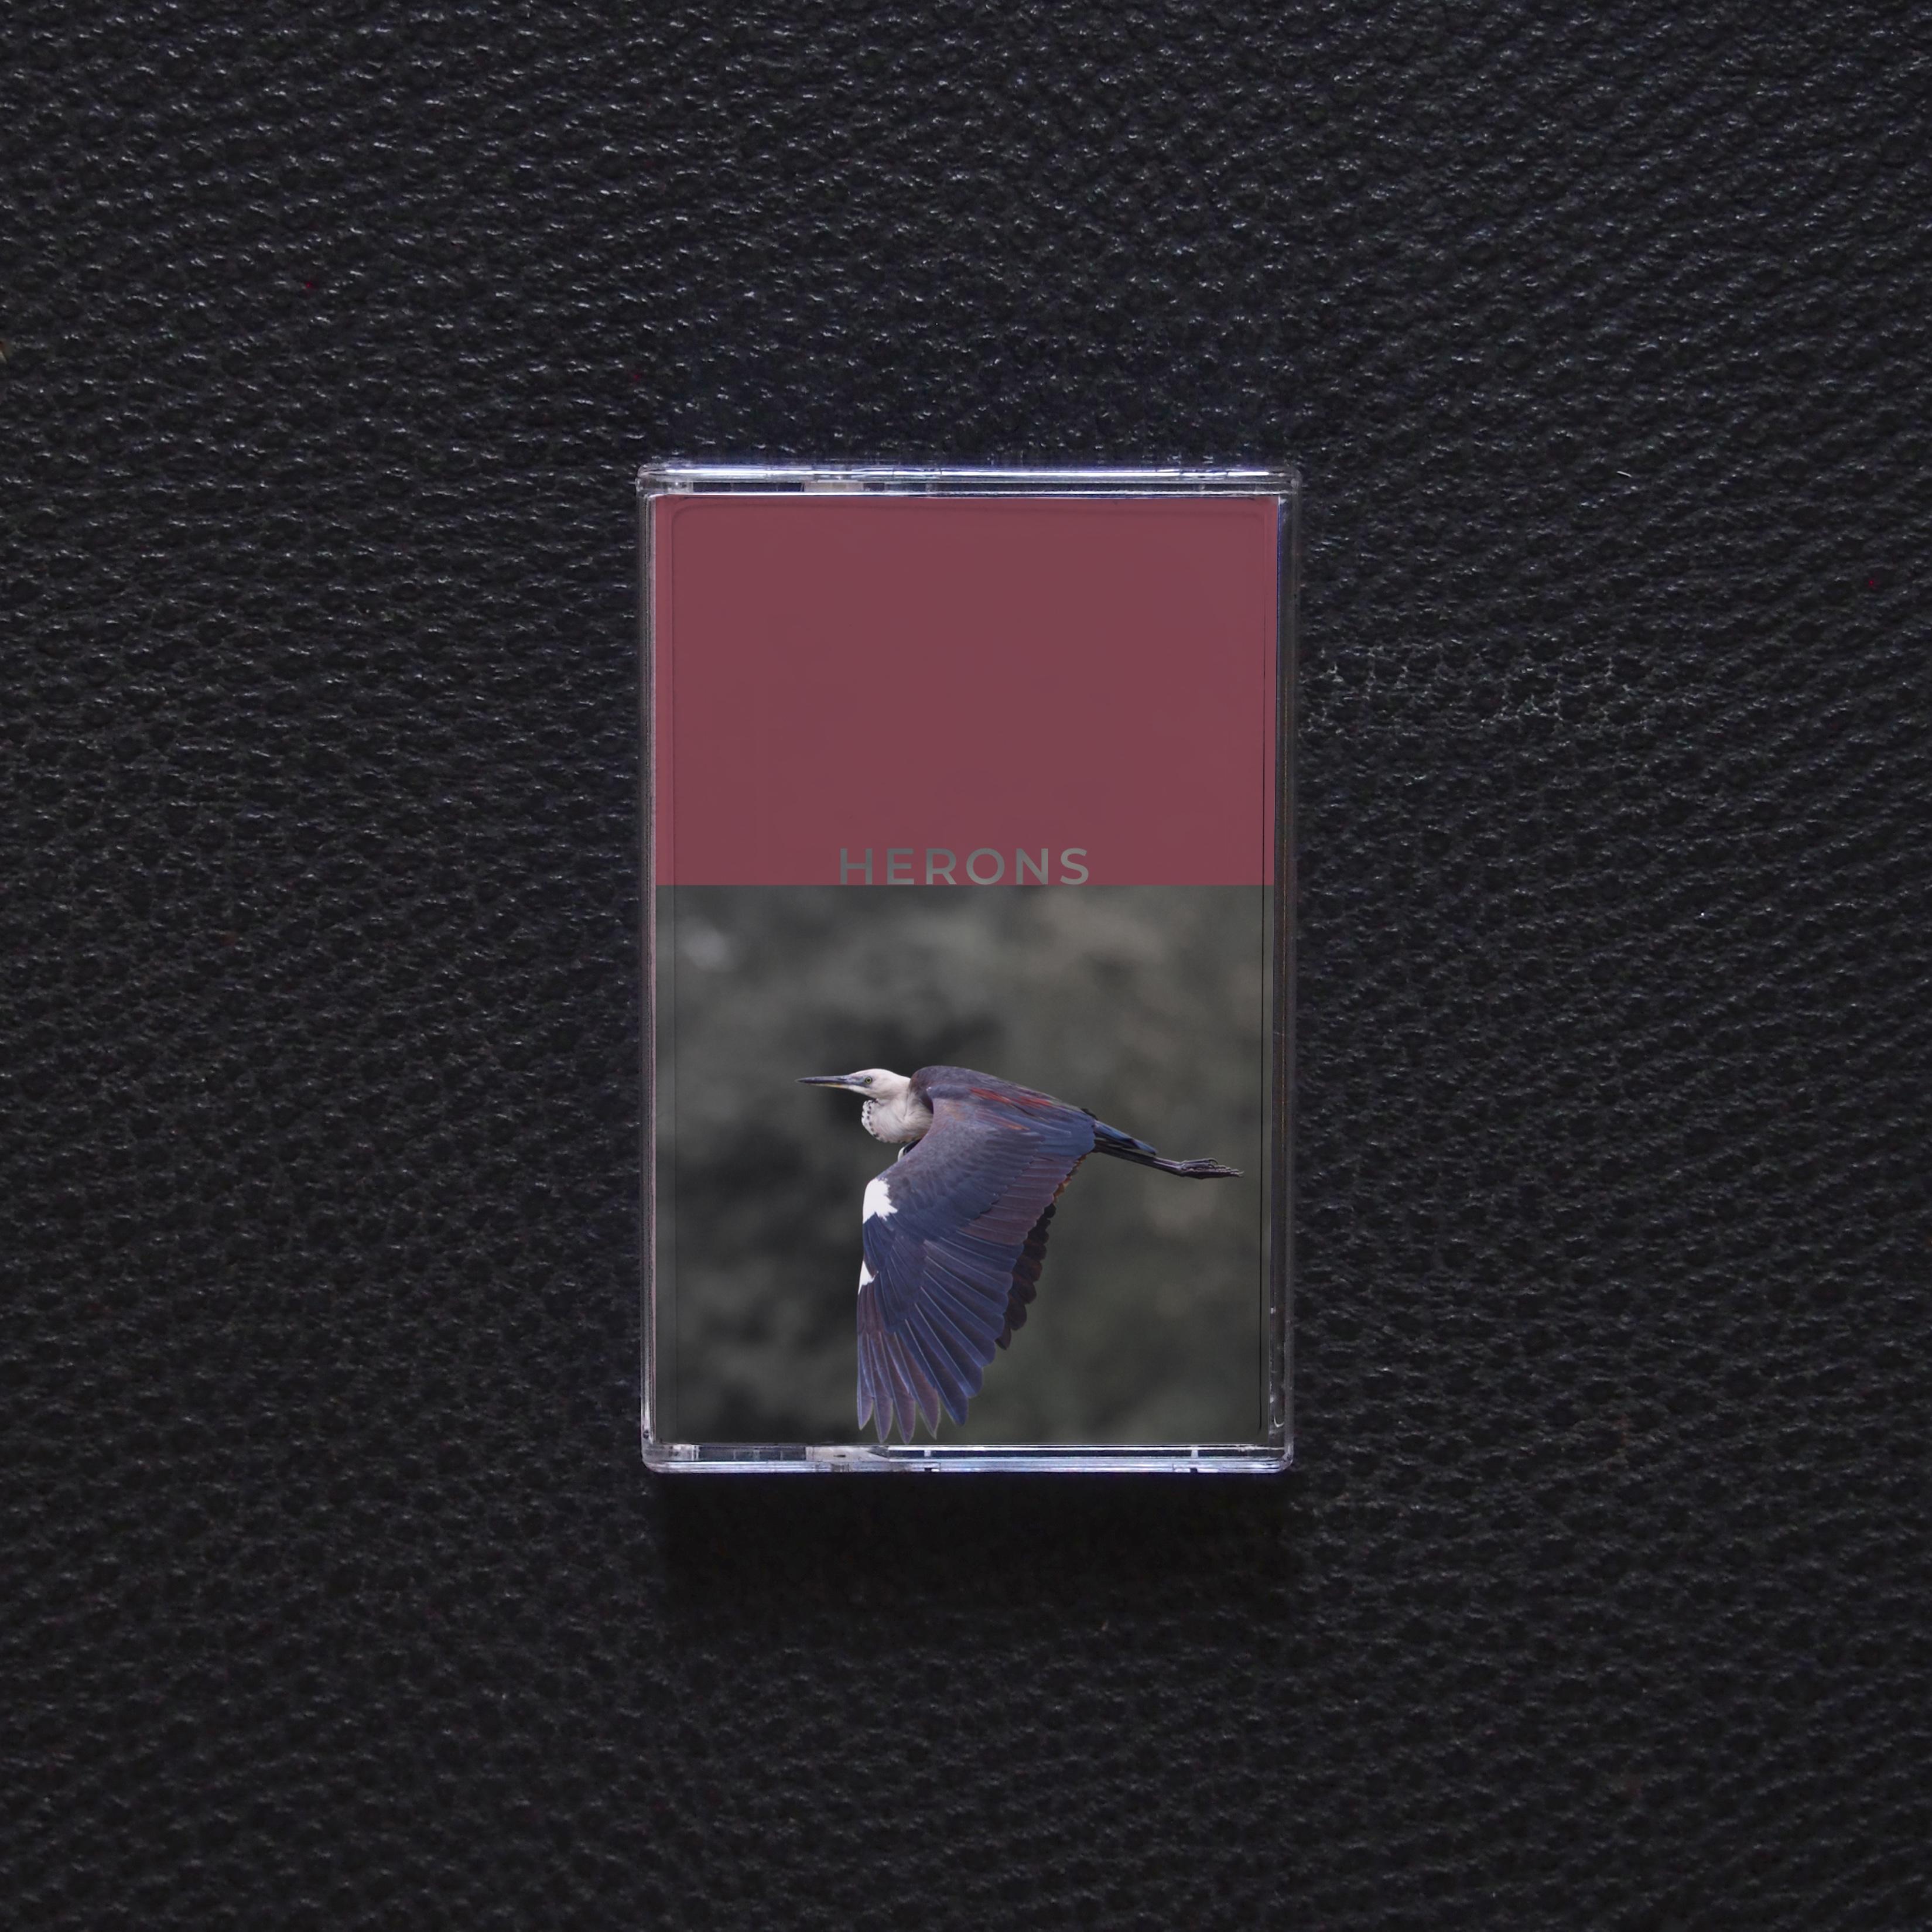 HERONS - Herons [Club Moss 003]